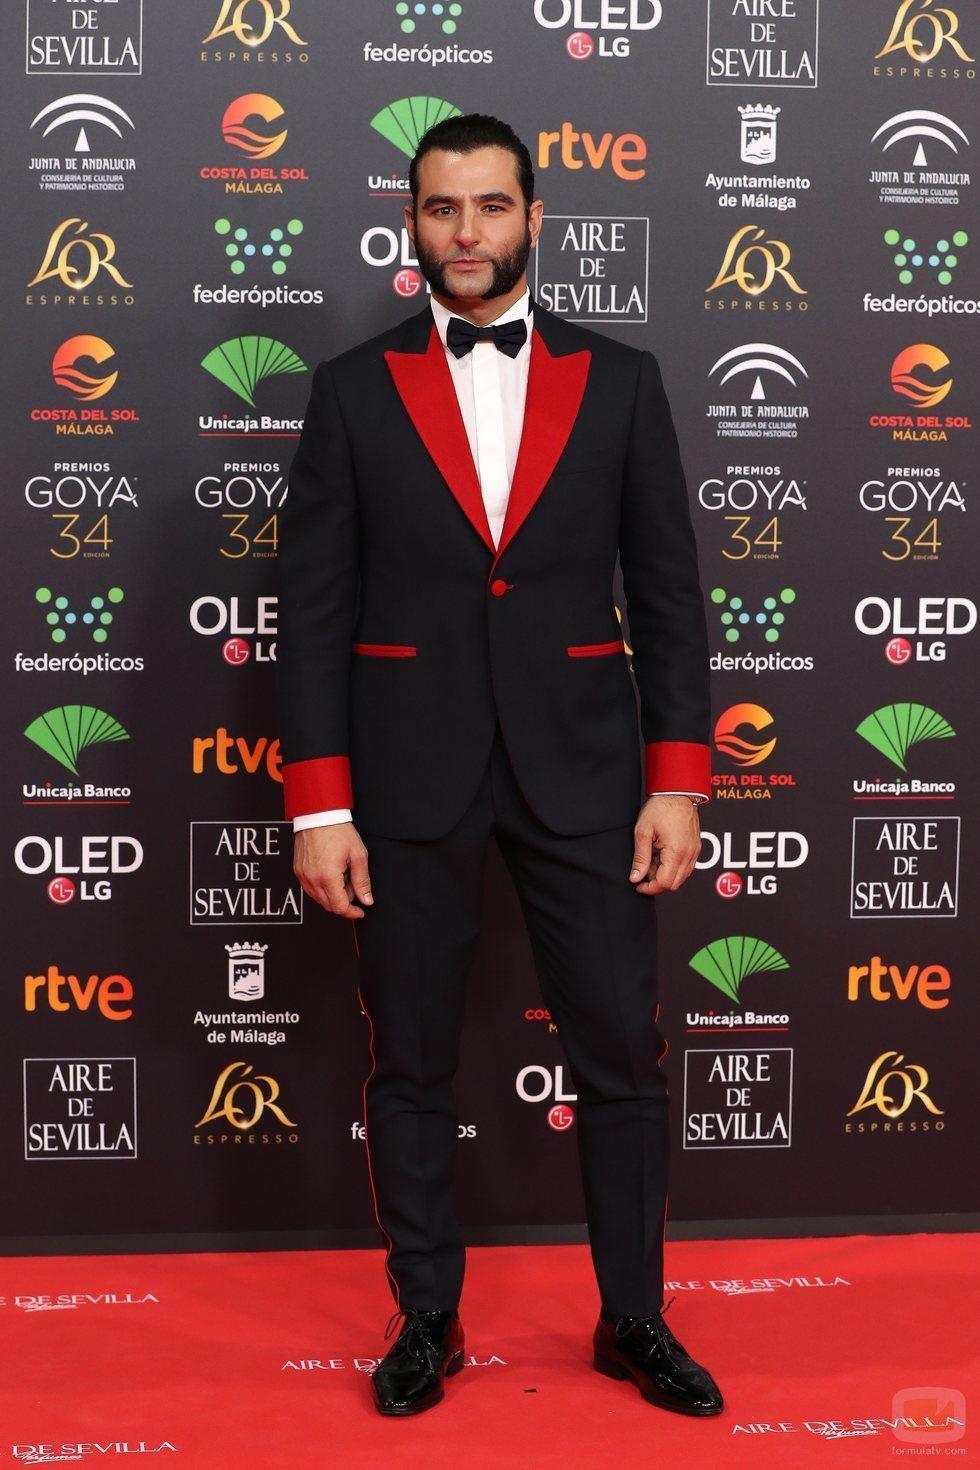 Antonio Velázquez posa en la alfombra roja de los Premios Goya 2020